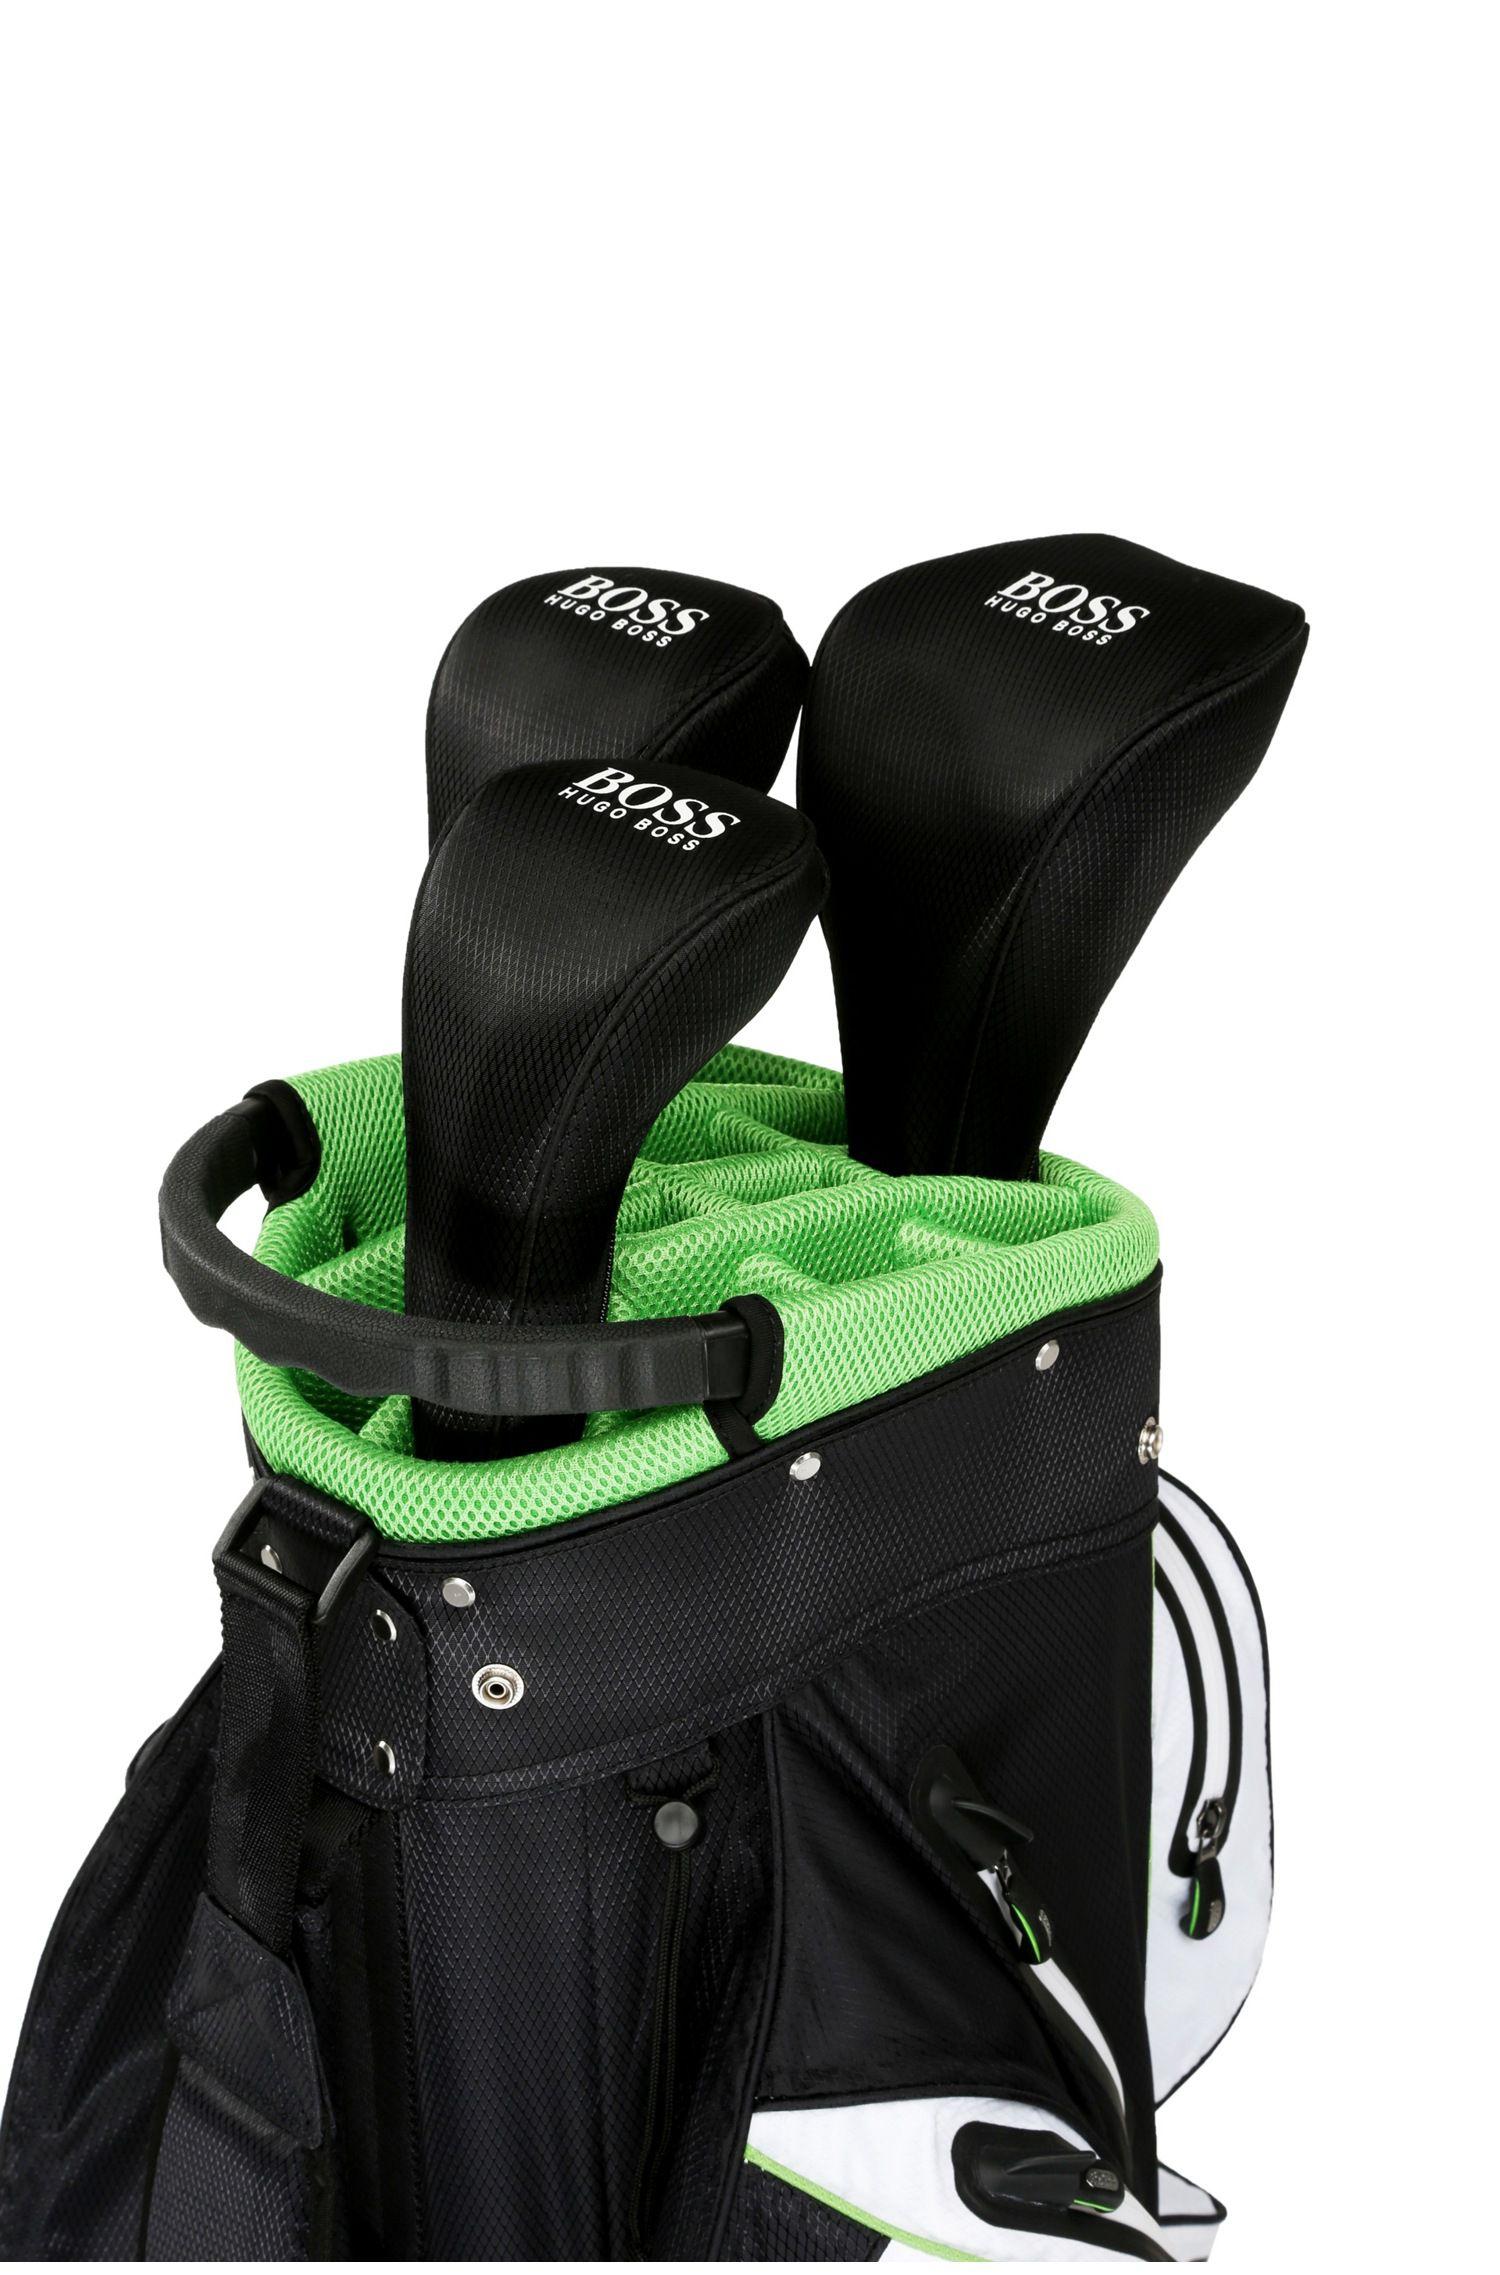 Fundas protectoras para palos de golf: 'Golf_Covers'